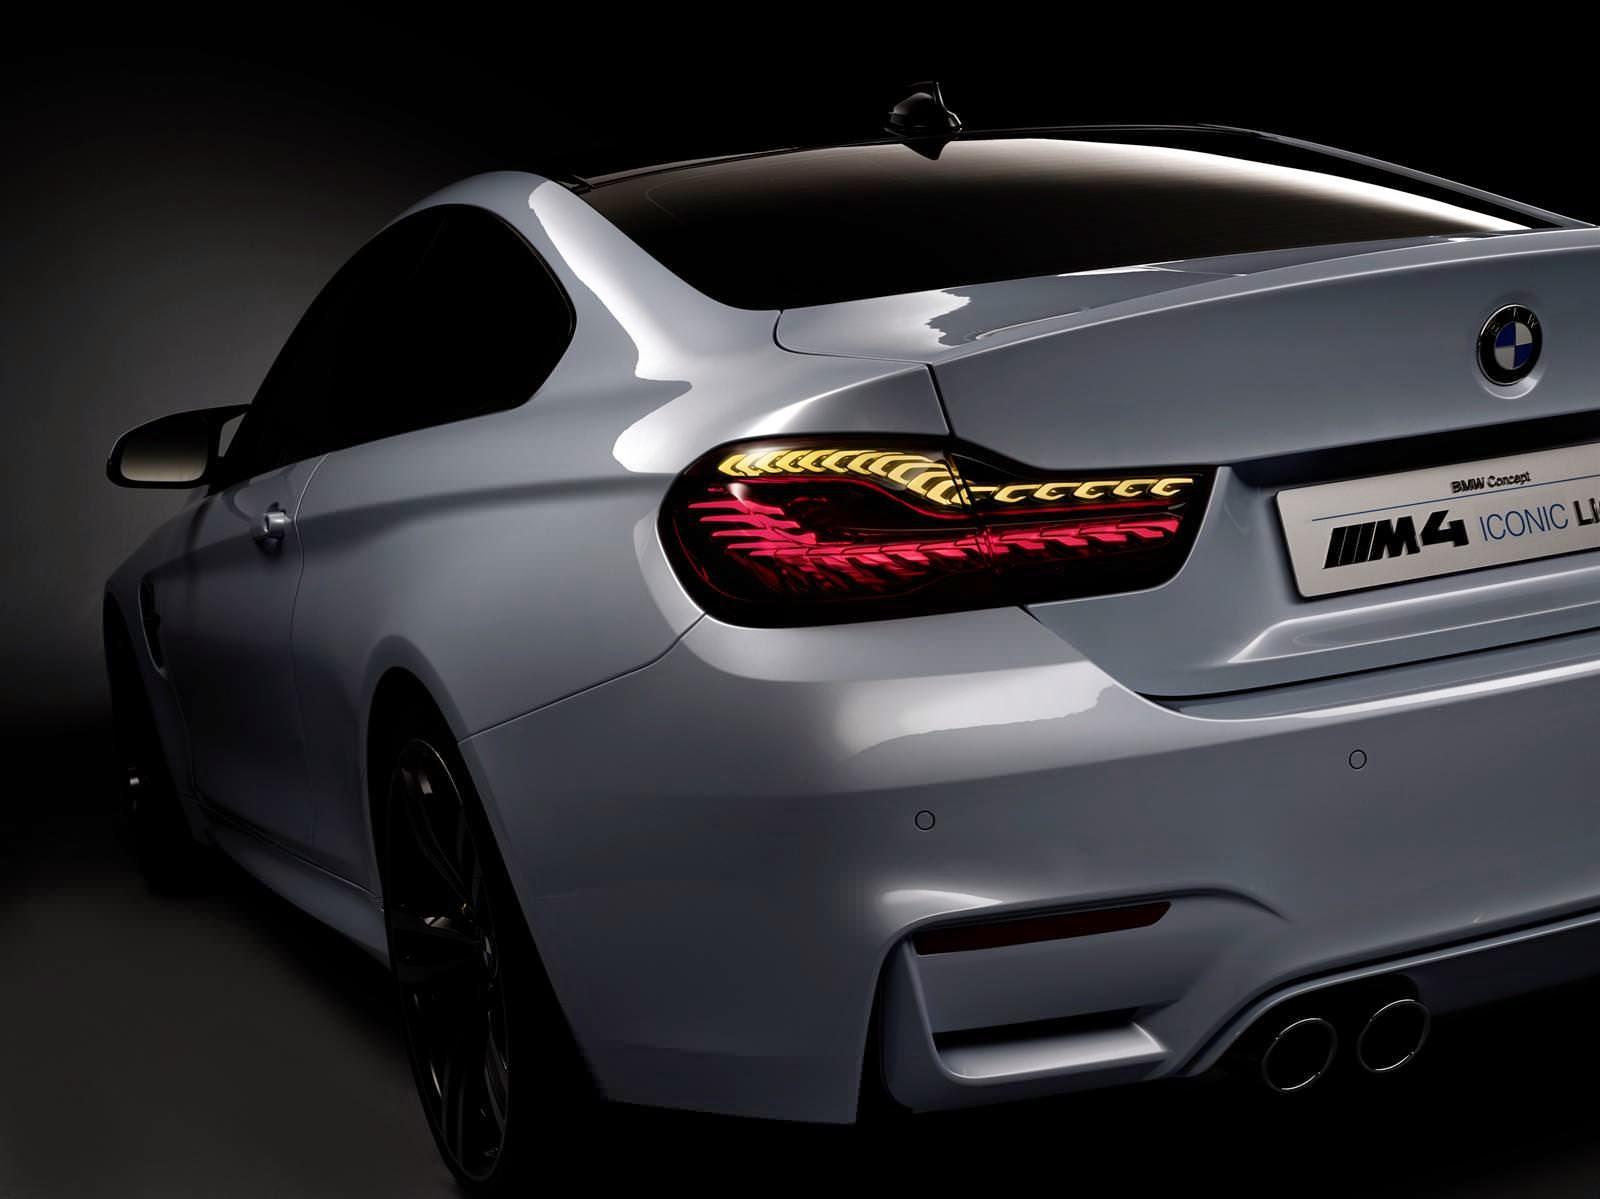 BMW M4 Concept Iconic Lights صور سيارات: سيارة بي ام دبليو ام 4 كونسبت ايكونيك لايتس 2015 بمعرض 'CES'